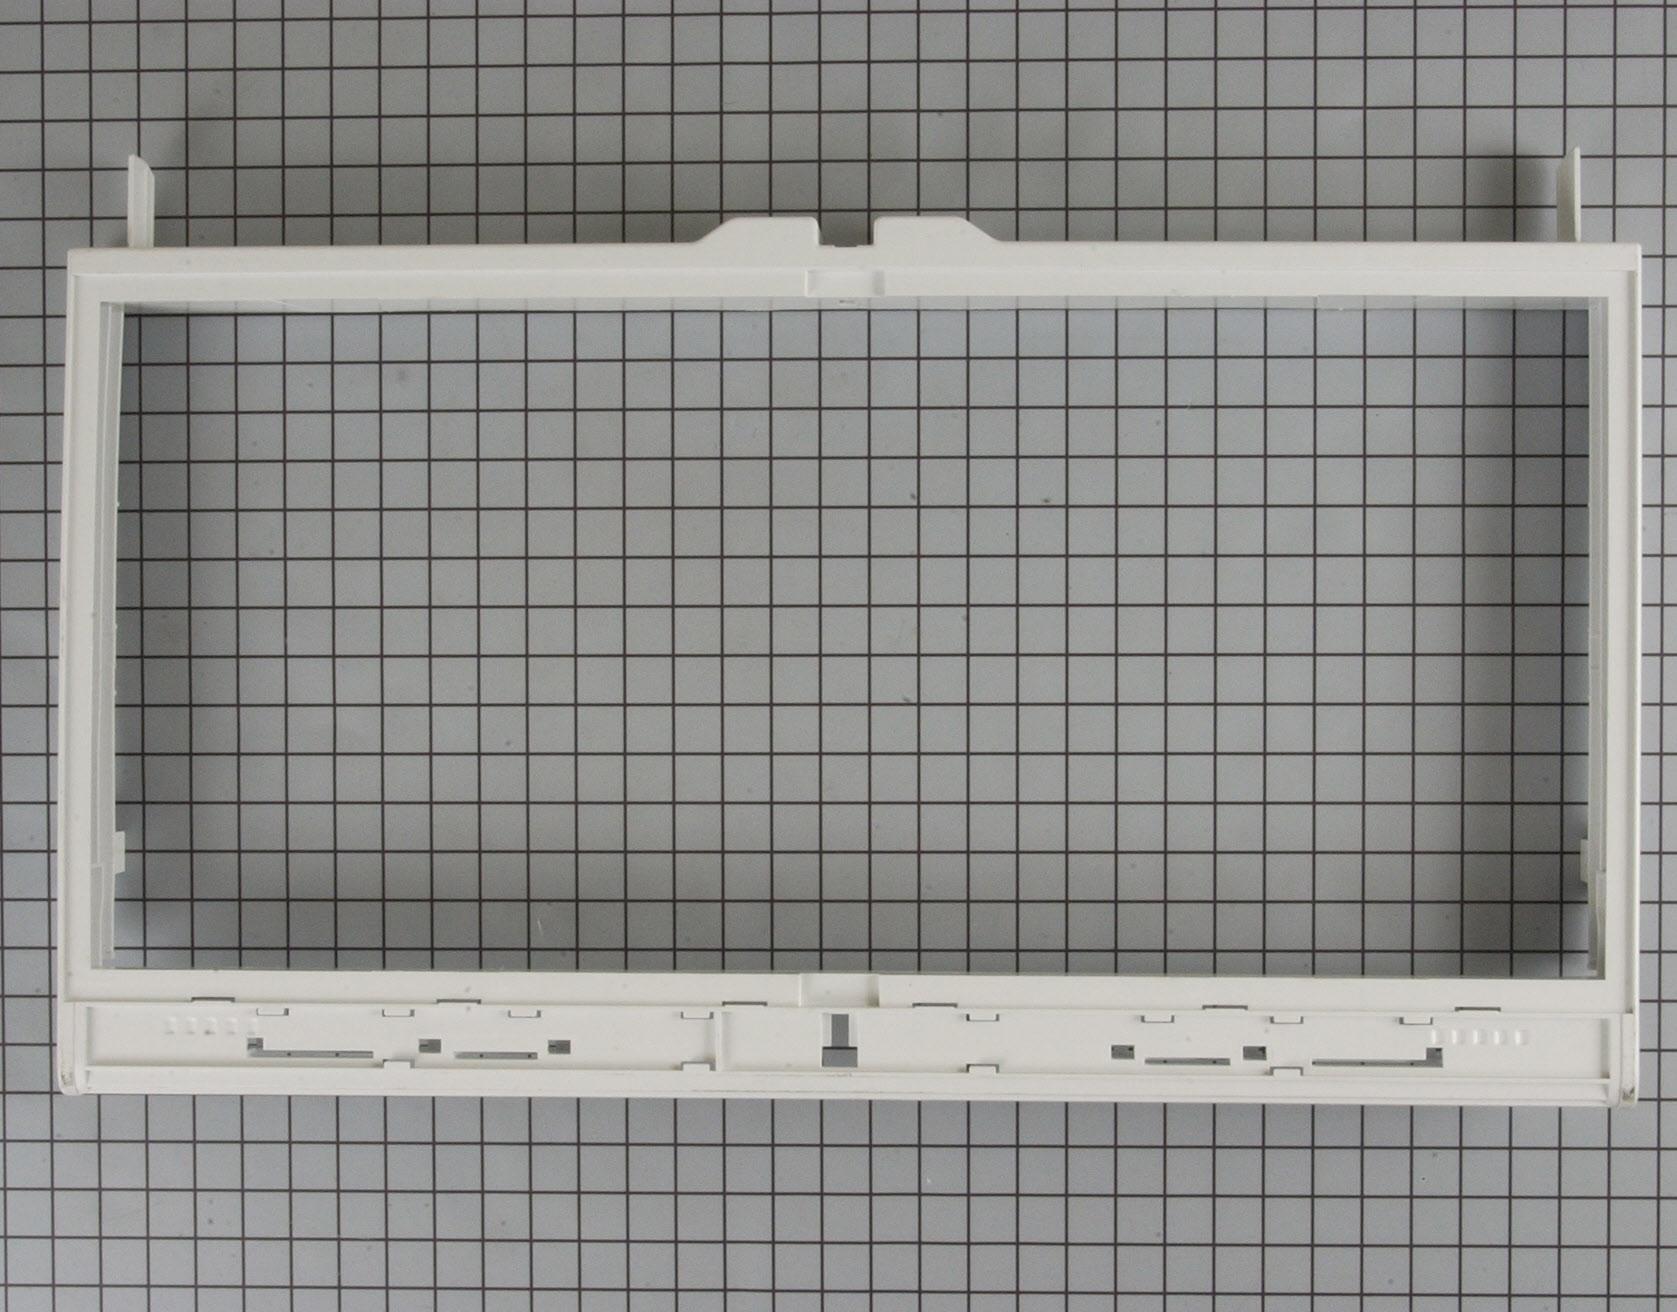 WP67003854 Ikea Refrigerator Part -Shelf Frame